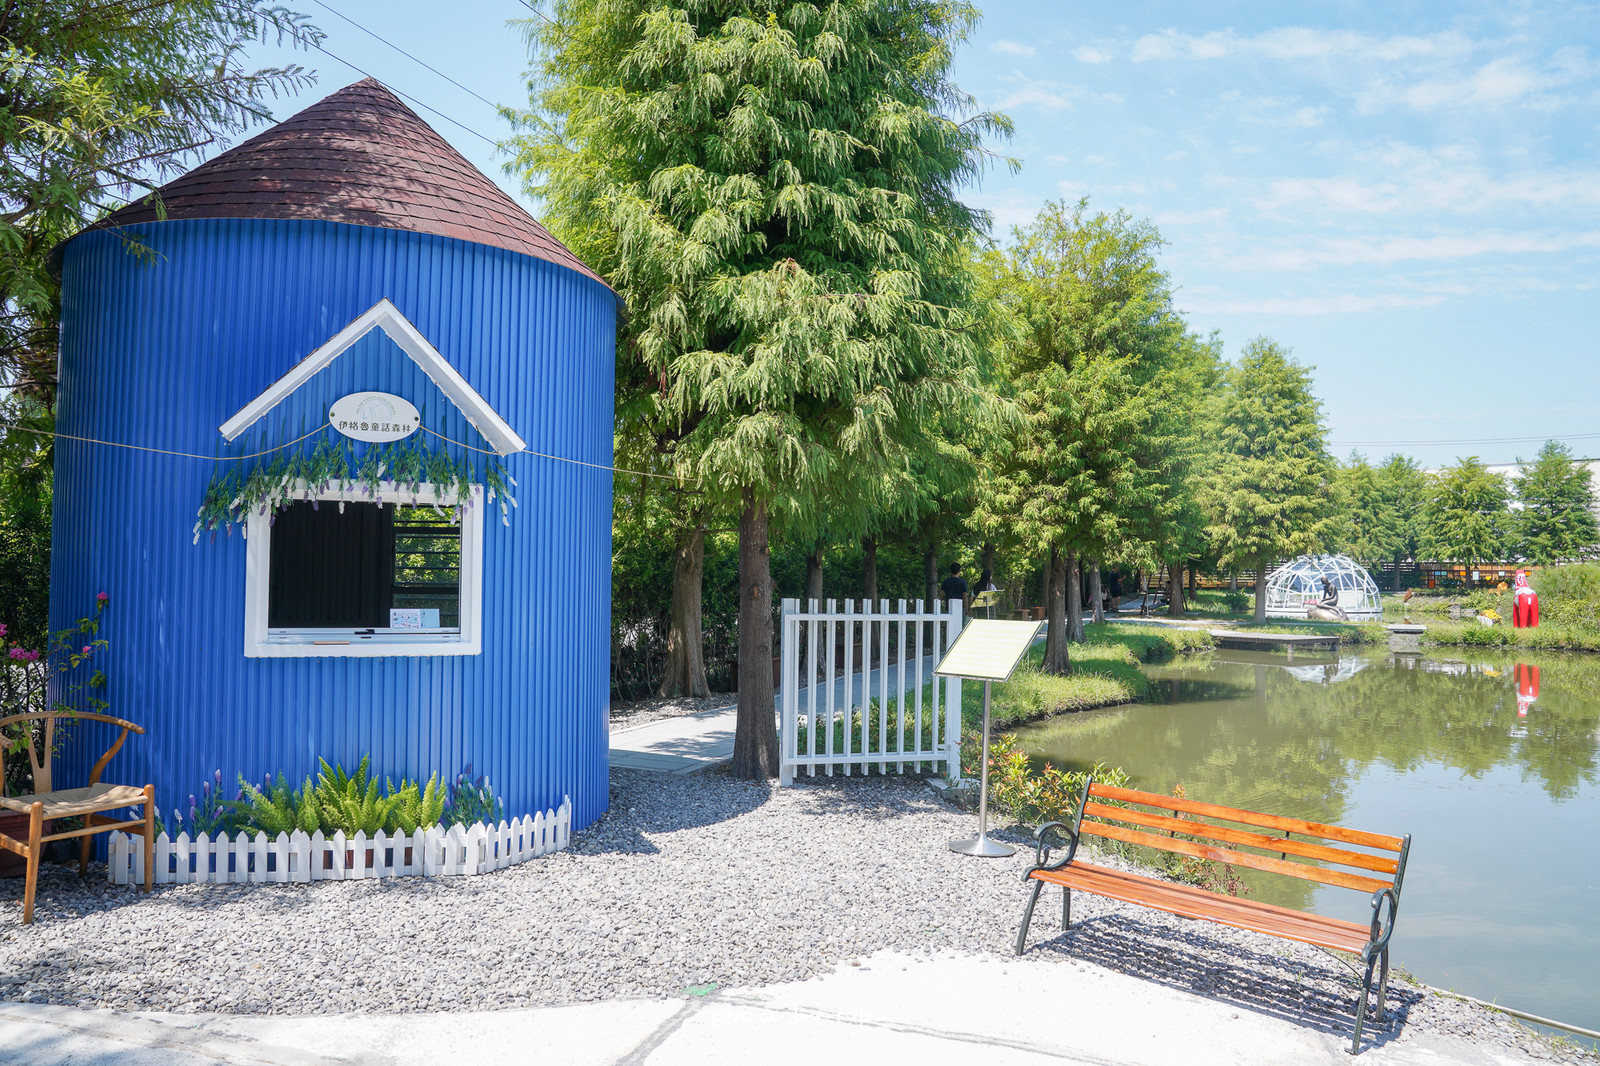 宜蘭冬山景點》夢幻小北歐!伊格魯童話森林:彩色屋.水上玻璃屋.落羽松秘境,在池畔吃下午茶